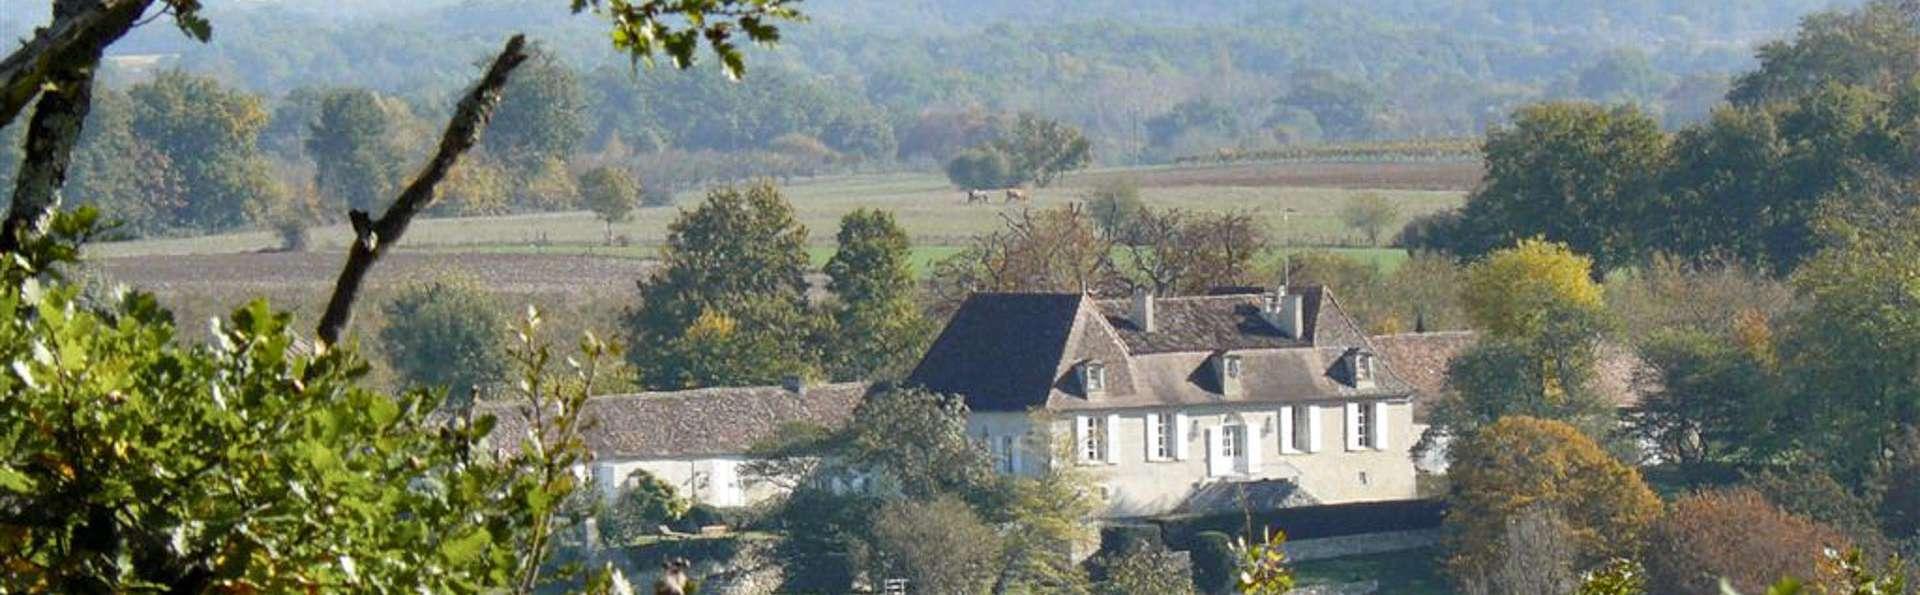 La Chartreuse du Bignac - Les collectionneurs - EDIT_FRONT_03.jpg